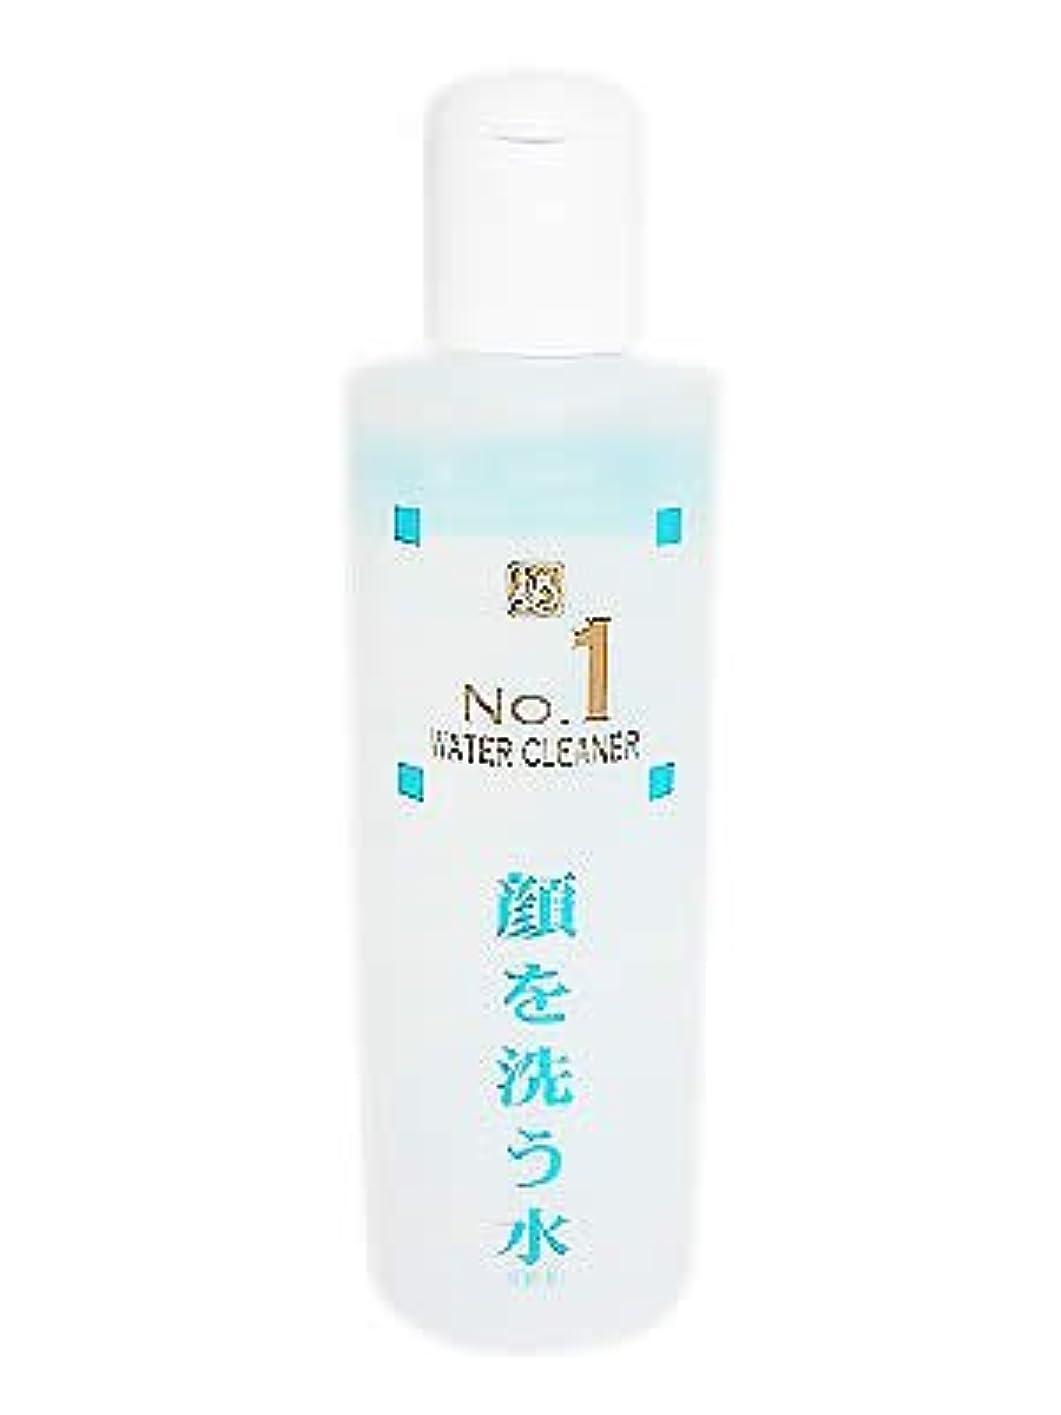 顔を洗う水 No.1 ウォータークリーナー 洗顔化粧水 250ml